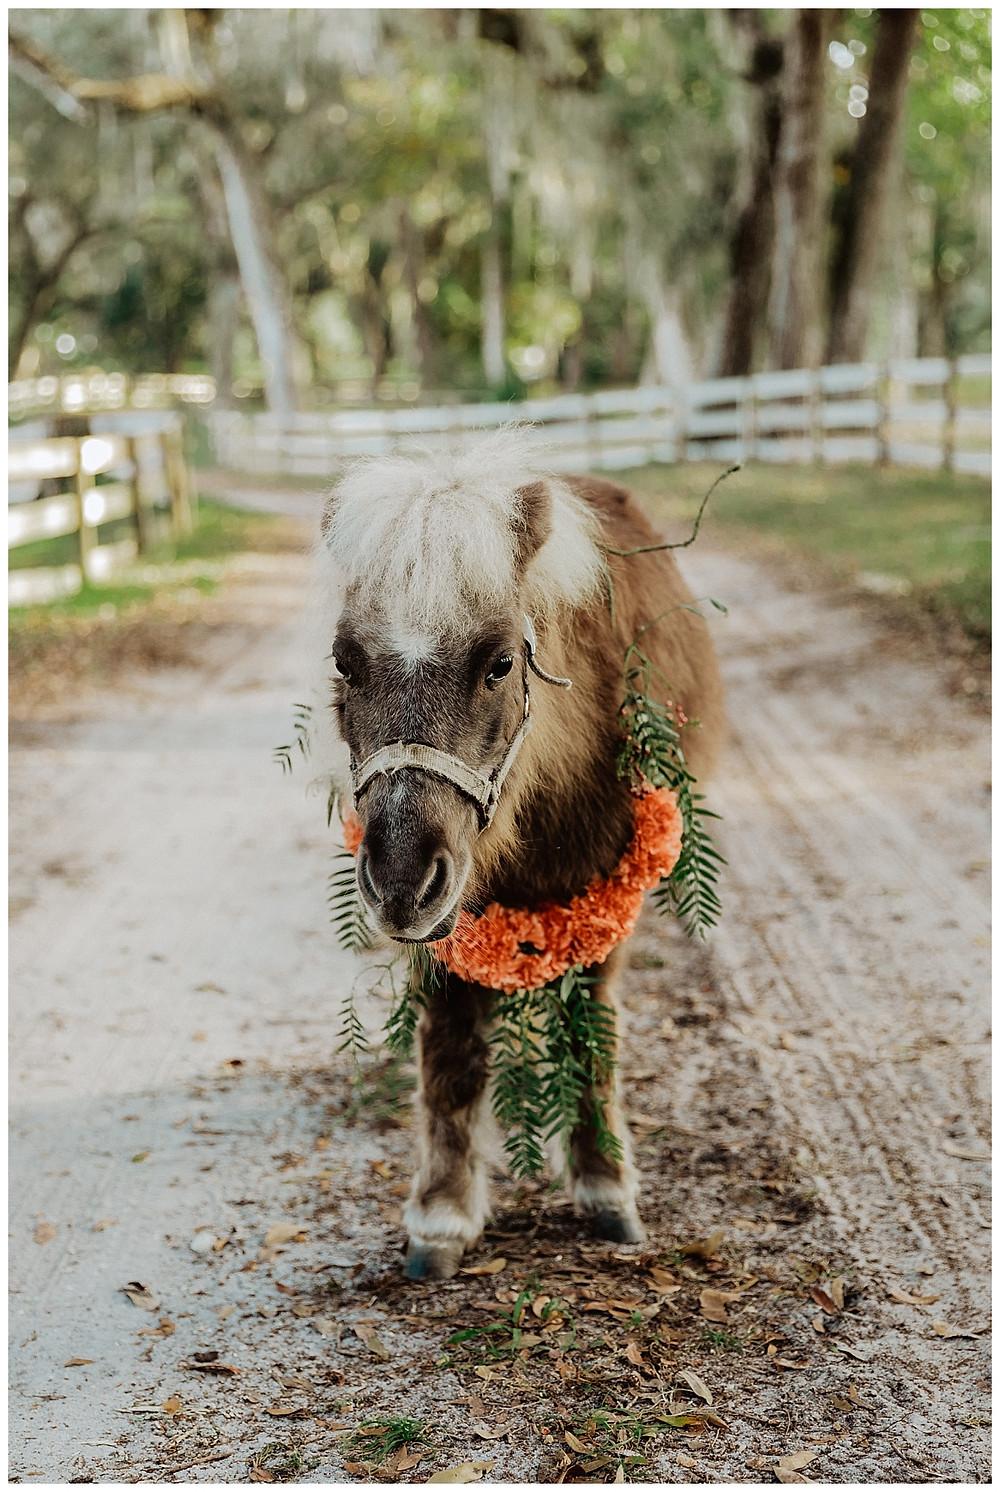 Beauty the Mini Horse at Enchanted Oaks Farms, Ocala Florida